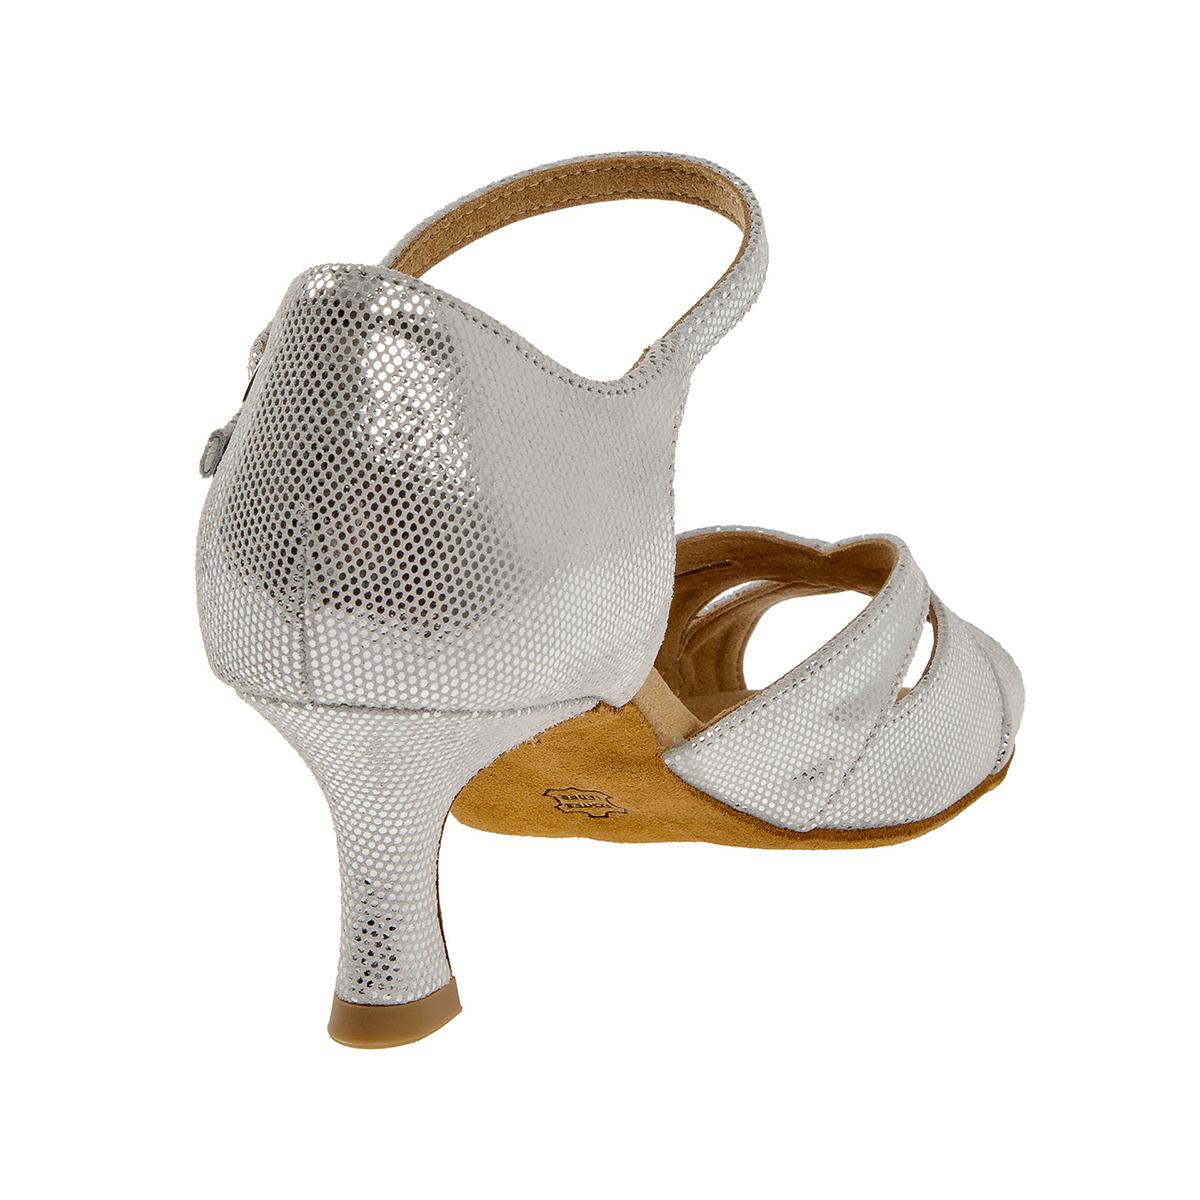 Diamant Damen Tanzschuhe 144 077 246 Silber Weiß